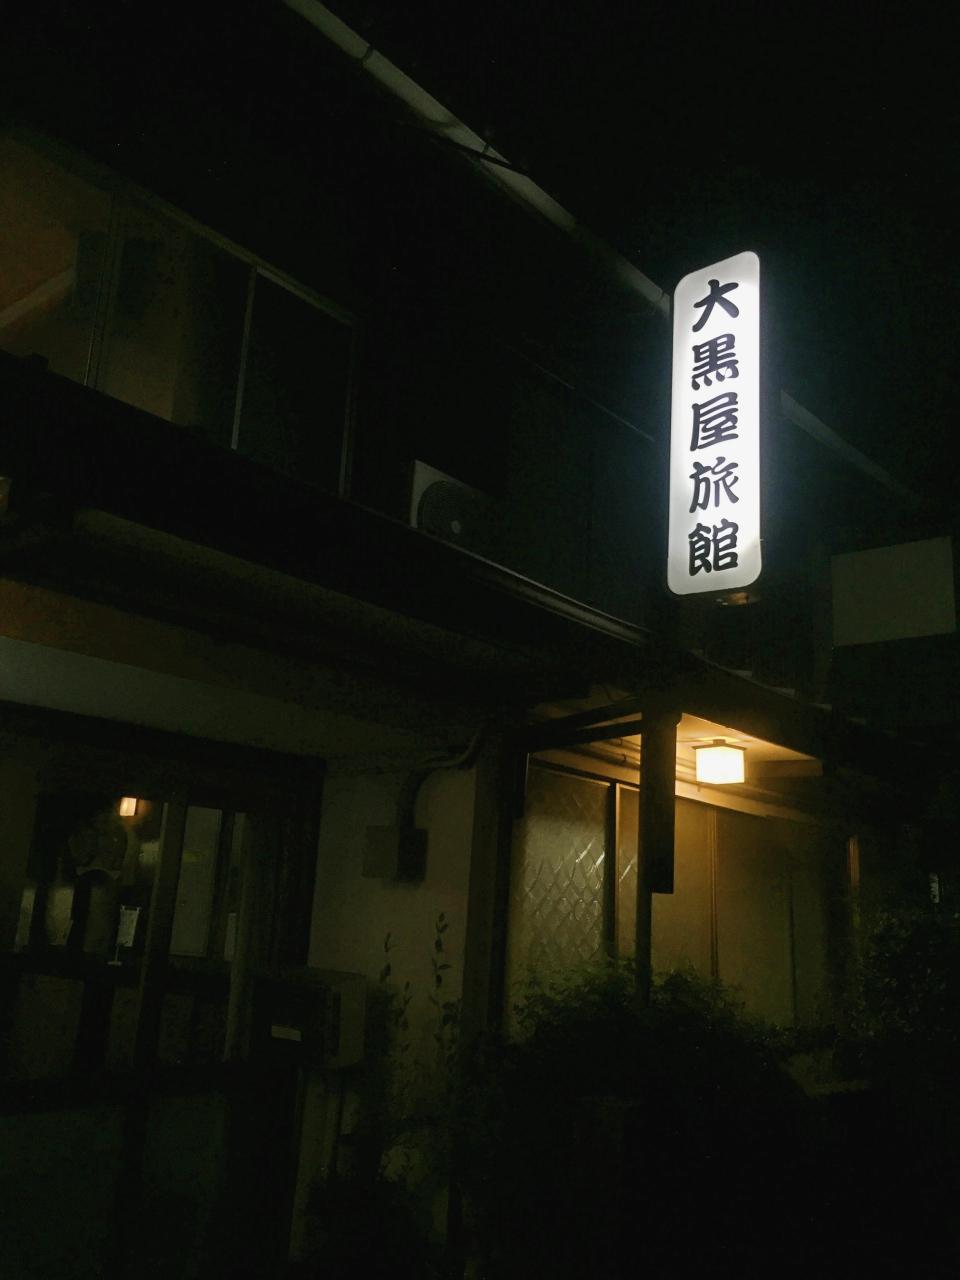 kuro001